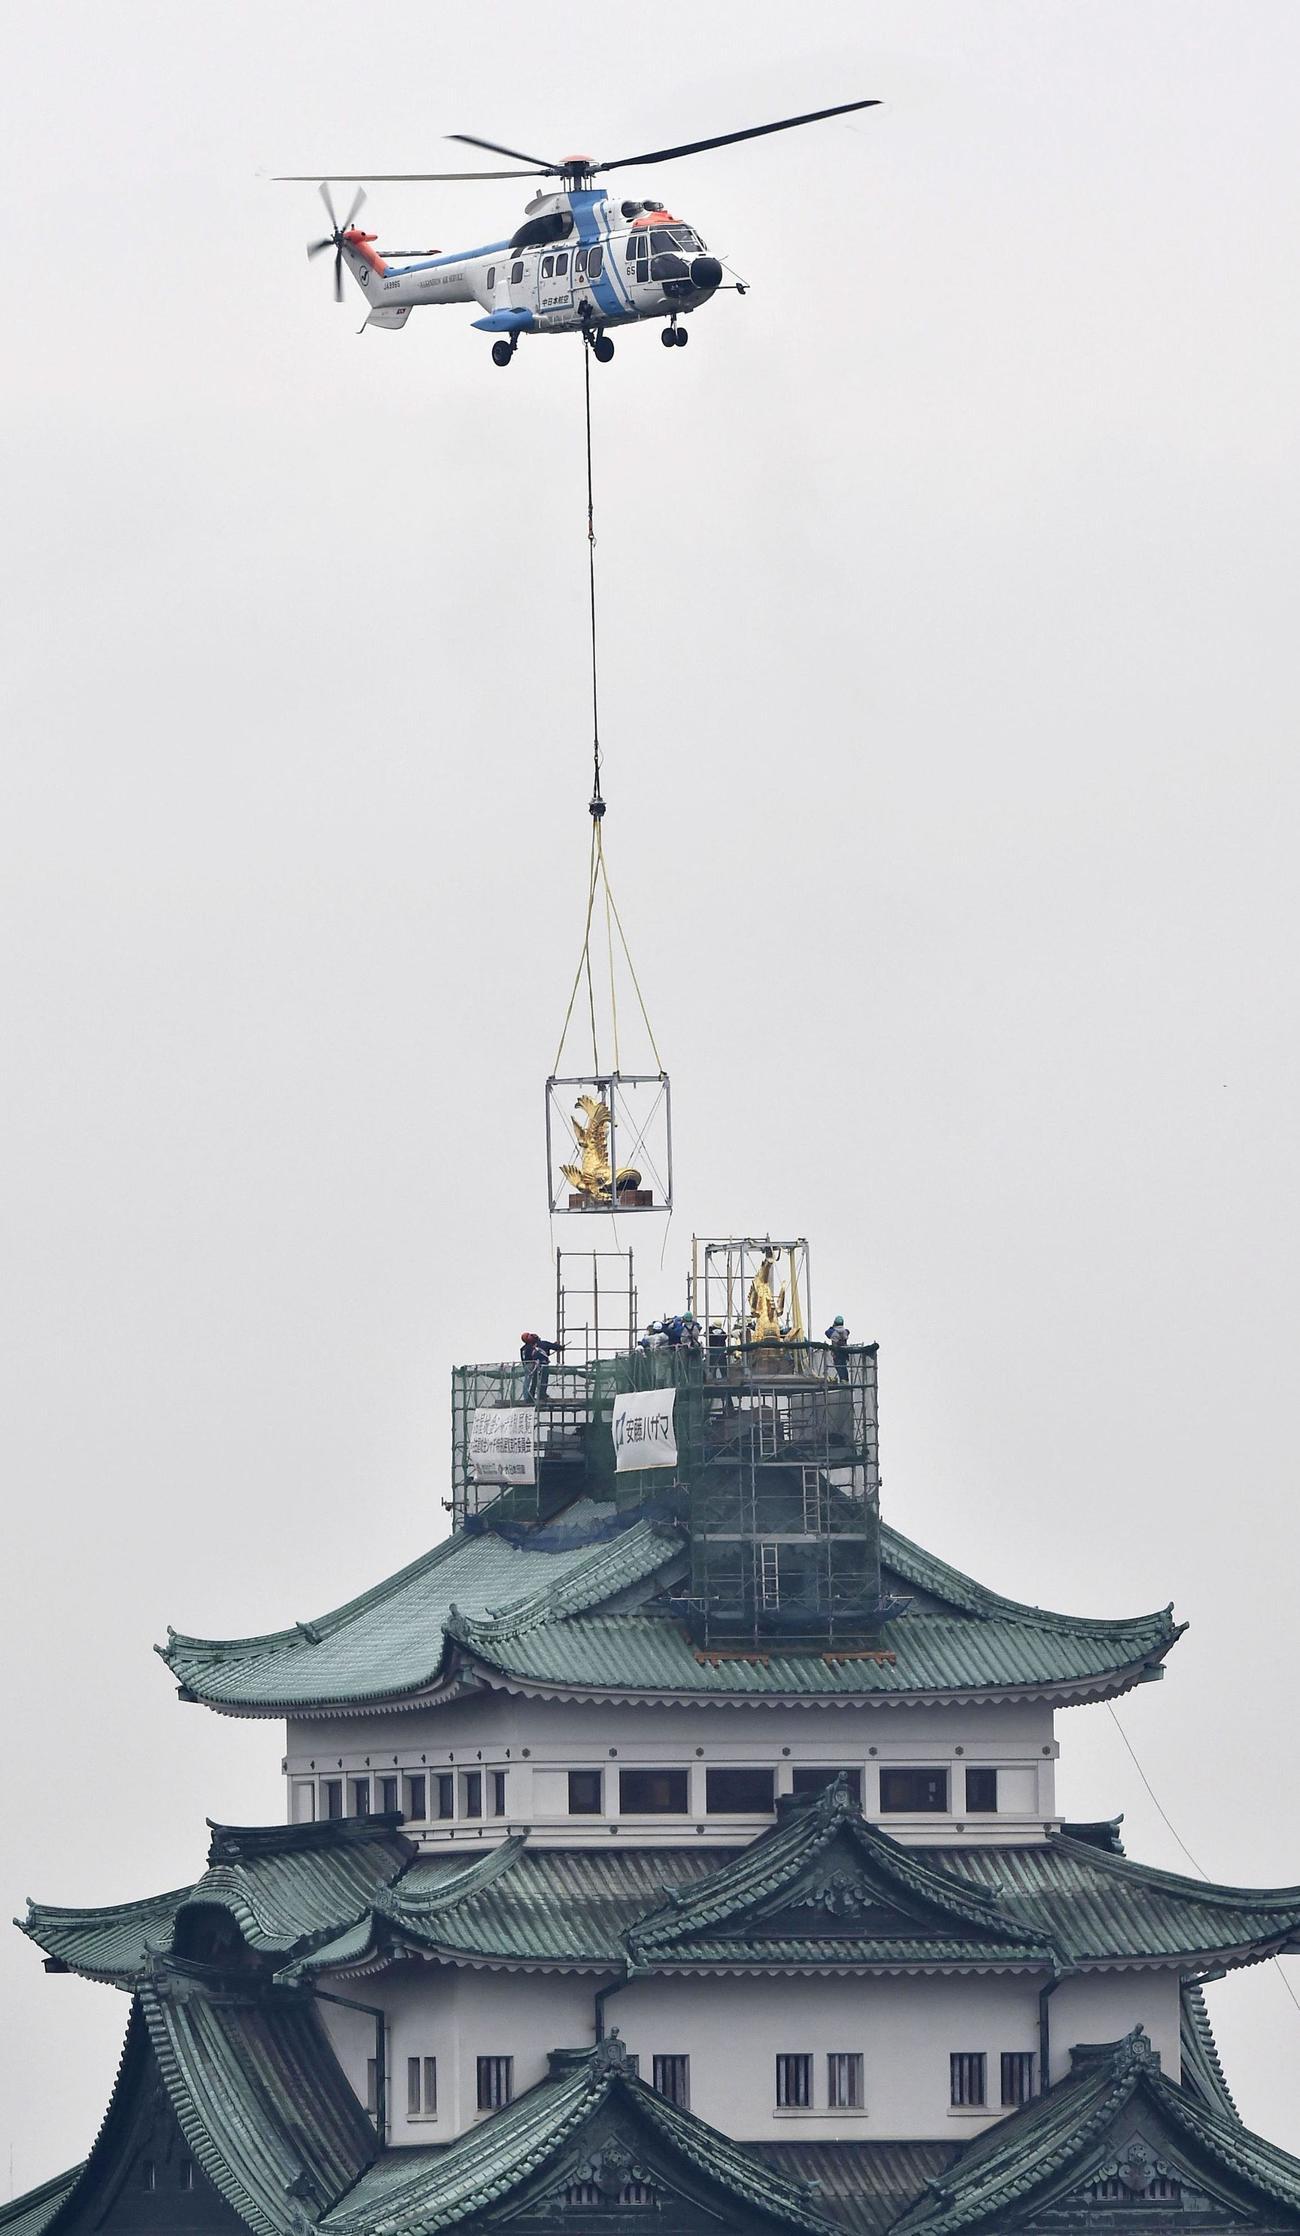 ヘリを使って名古屋城天守から取り外される「金のしゃちほこ」(共同)